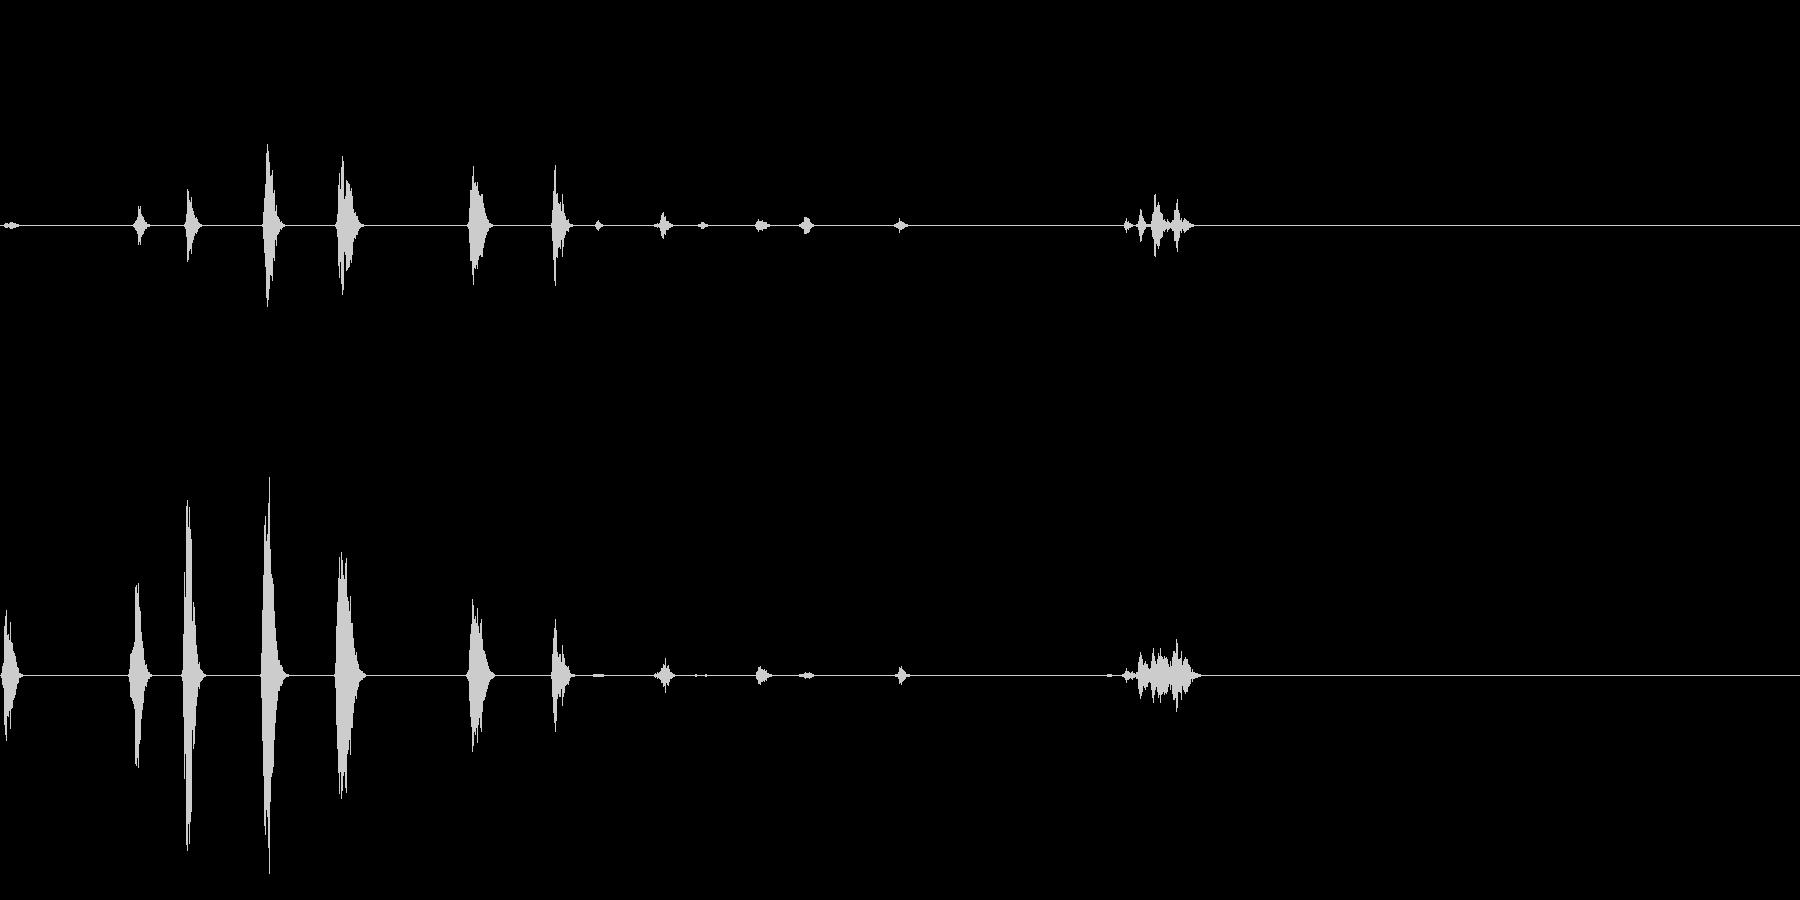 ヒヨドリとウグイスの鳴き声【ドライ】の未再生の波形